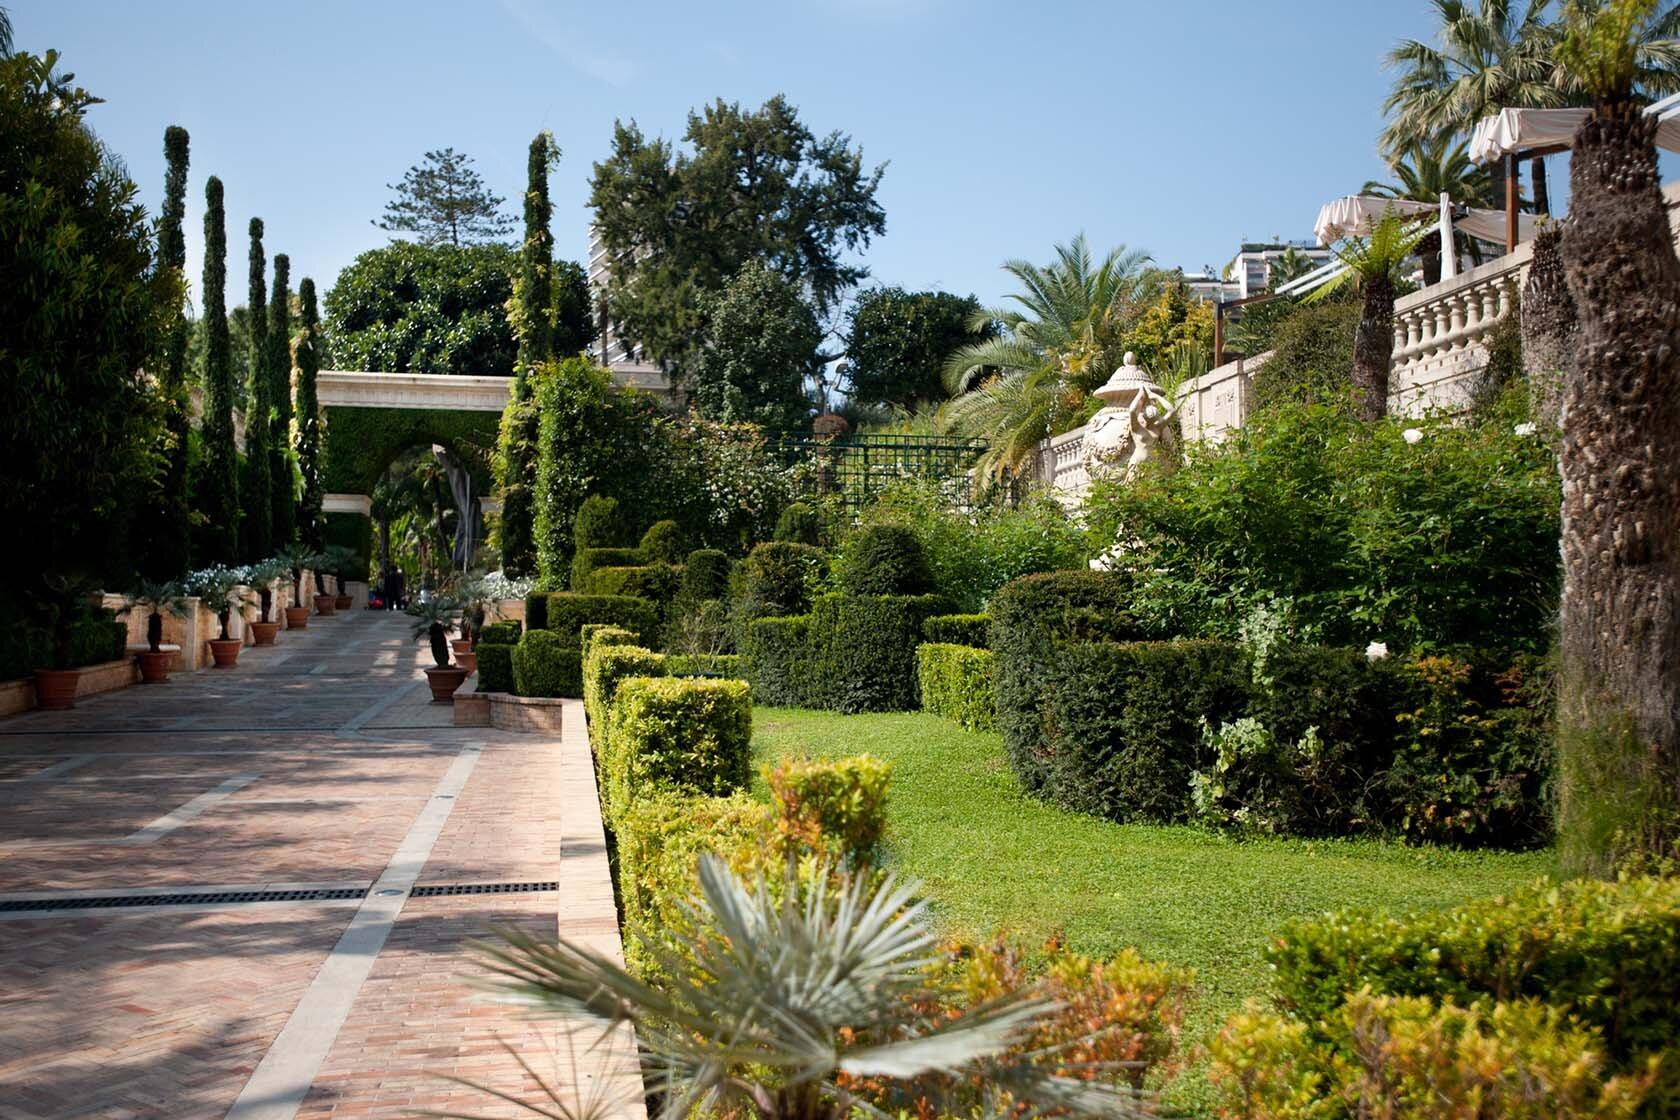 Hotel Metropole Monte-Carlo Gardens